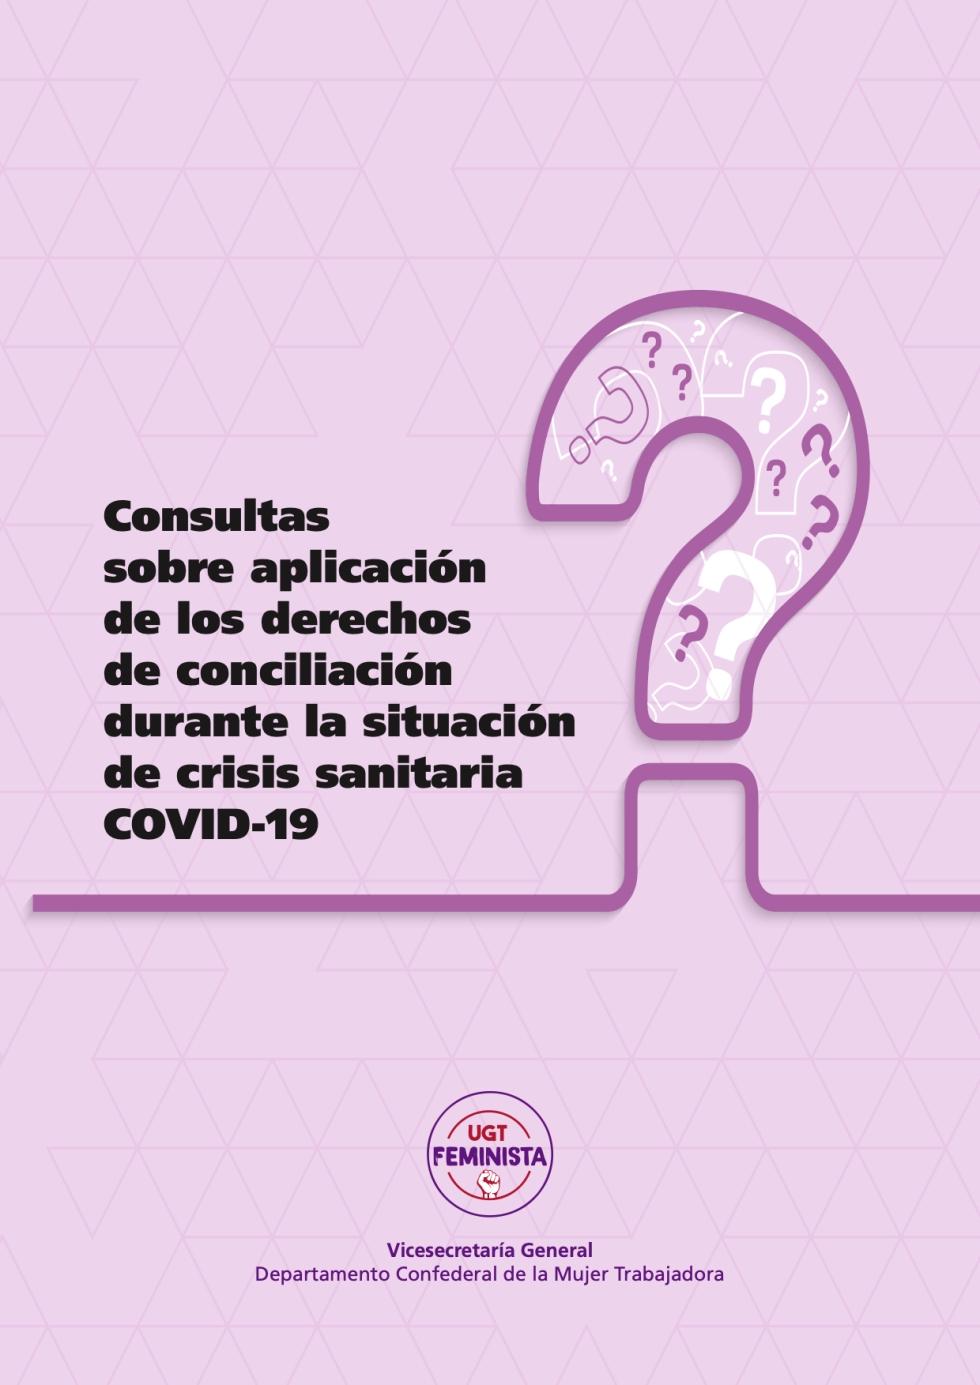 guía de consultas sobre aplicación de los derechos de conciliación durante la situación de crisis sanitaria COVID-19